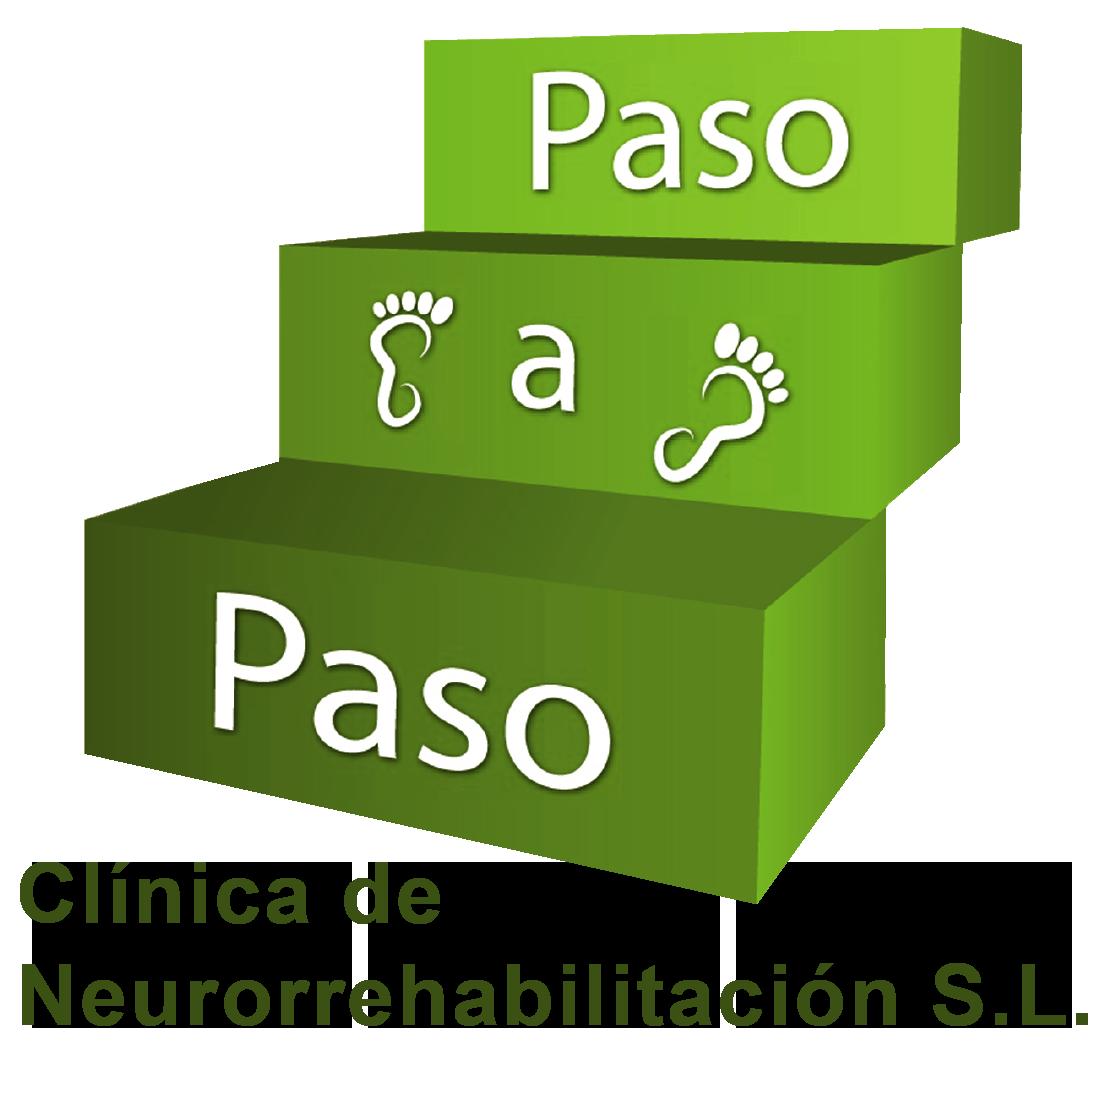 Centro de Neurorrehabilitacion Paso a Paso | Fisioterapia en Algeciras